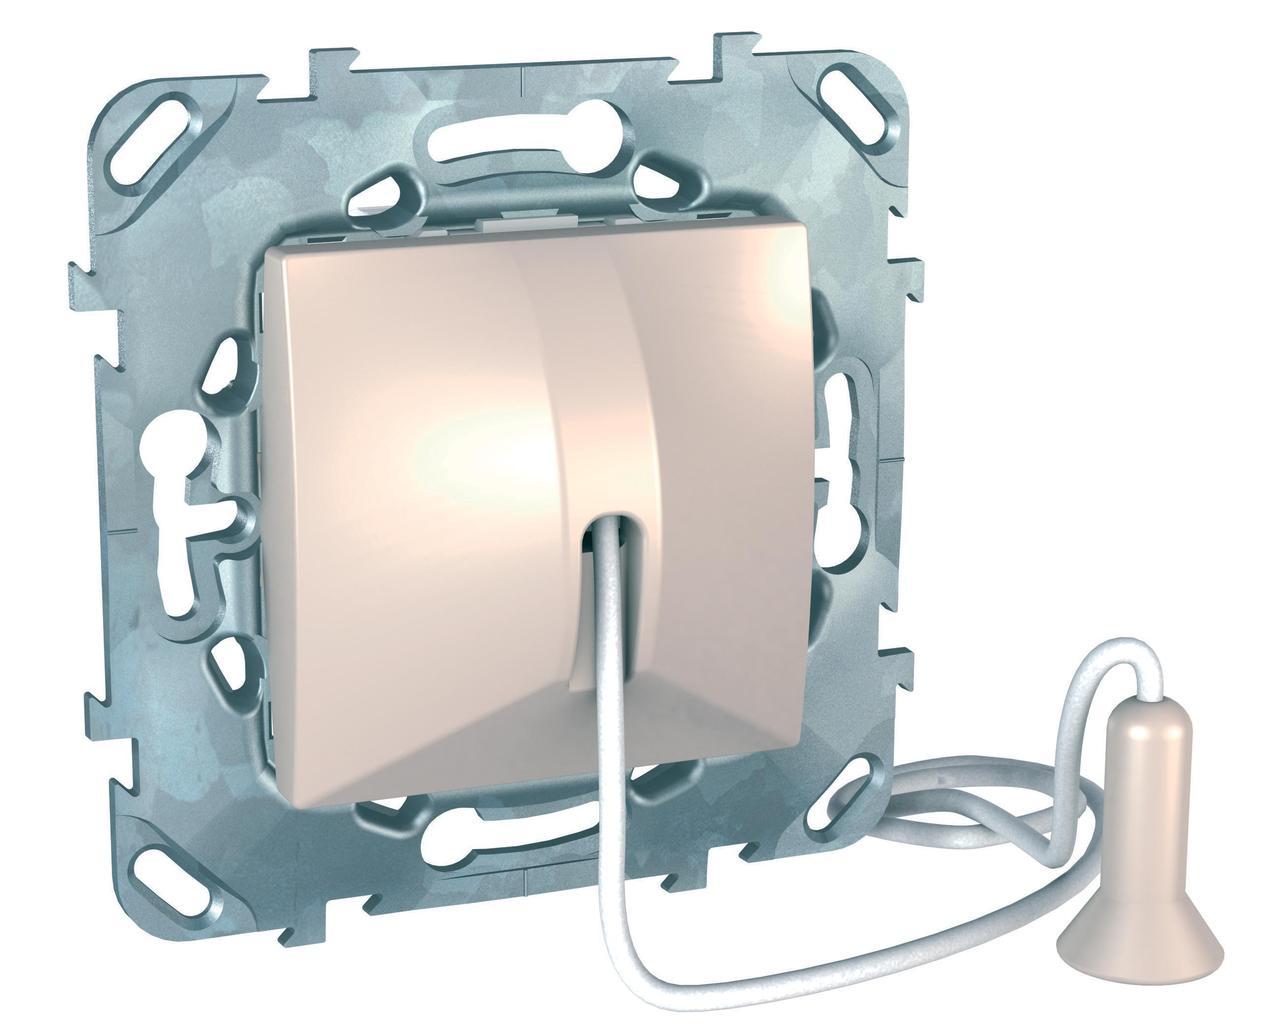 Выключатель кнопочный со шнурком (звонок) , Бежевый, серия Unica, Schneider Electric